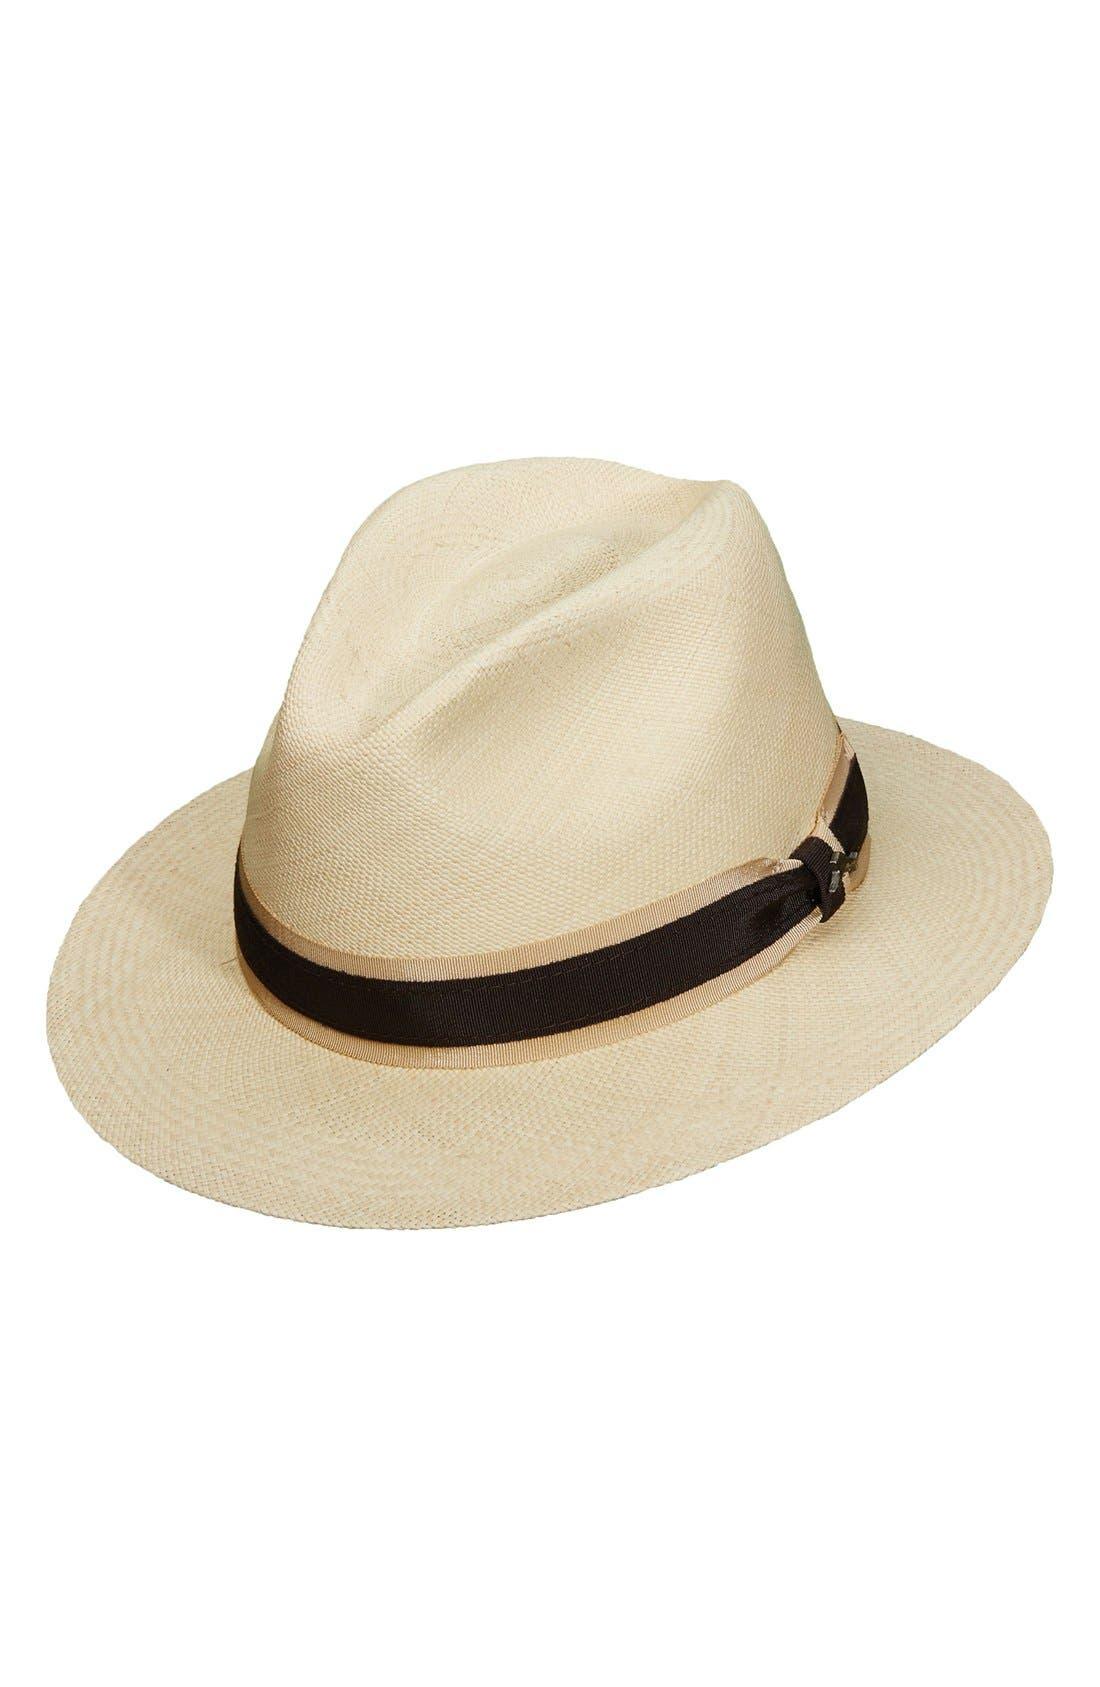 Panama Straw Safari Hat,                         Main,                         color,